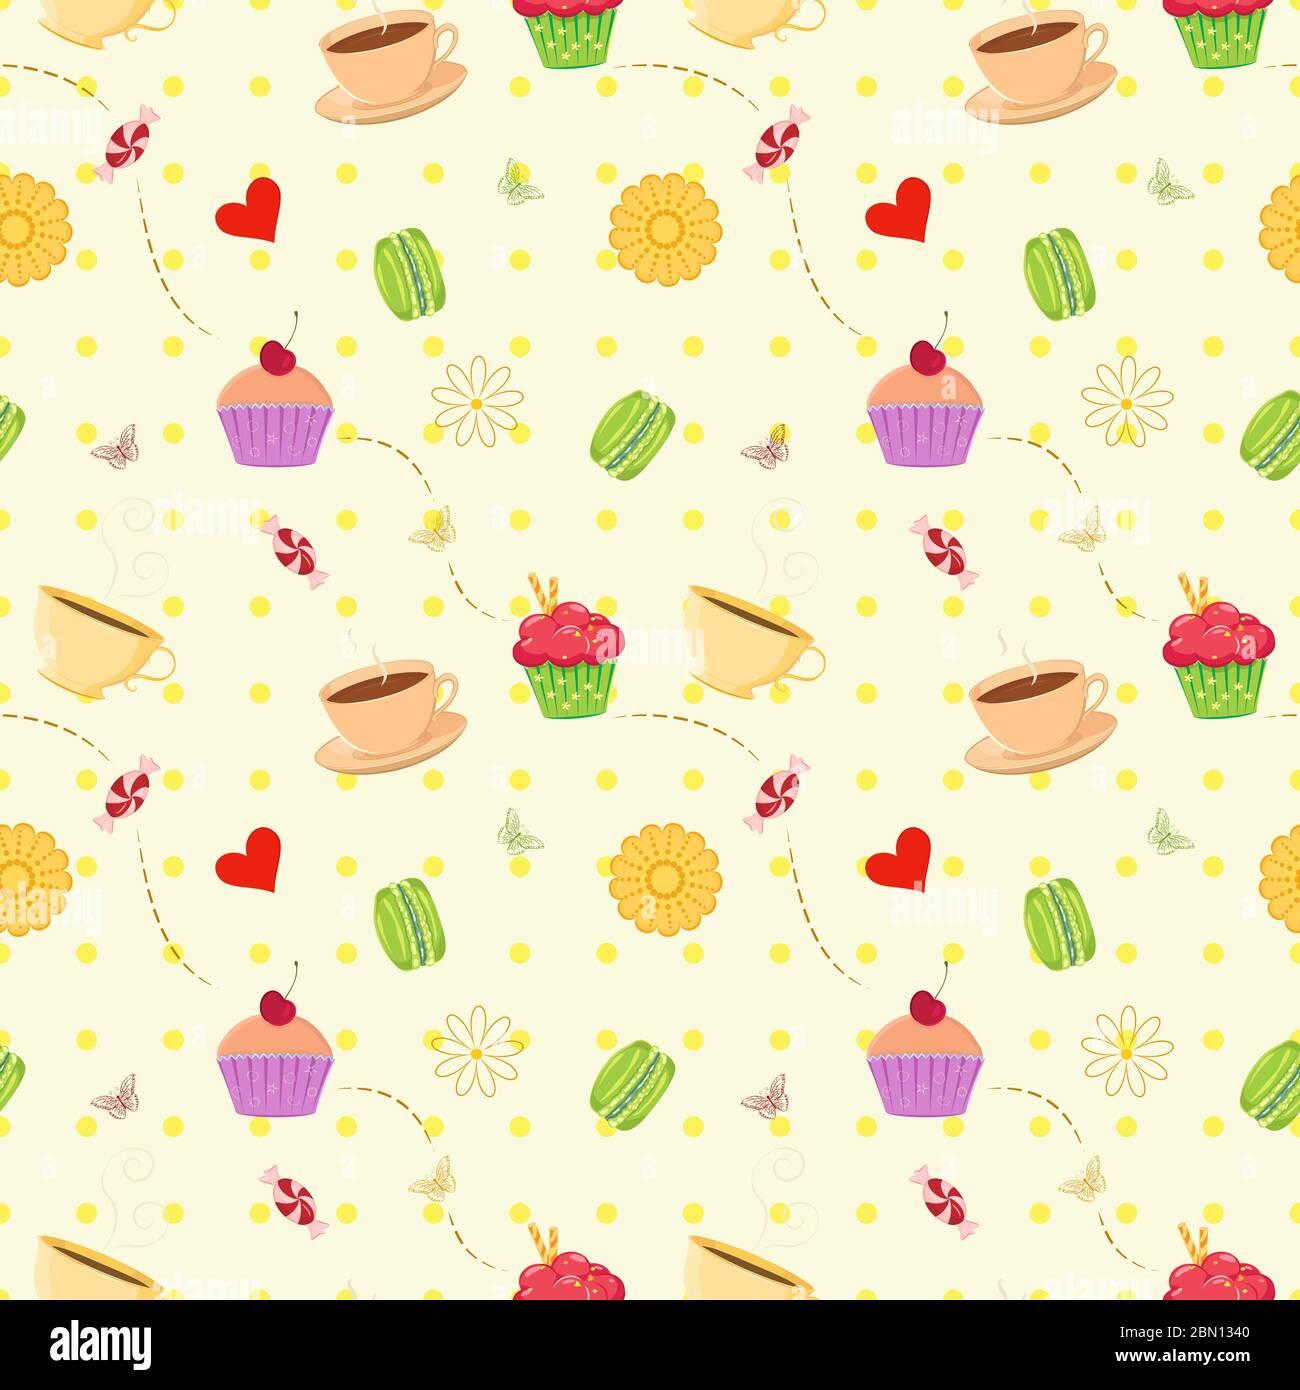 Motif vectoriel coloré sans couture avec cupcakes à dessert dessinés à la main, macarons, bonbons et tasses à thé. Un fond de cuisine unique et élégant sans couture avec Illustration de Vecteur